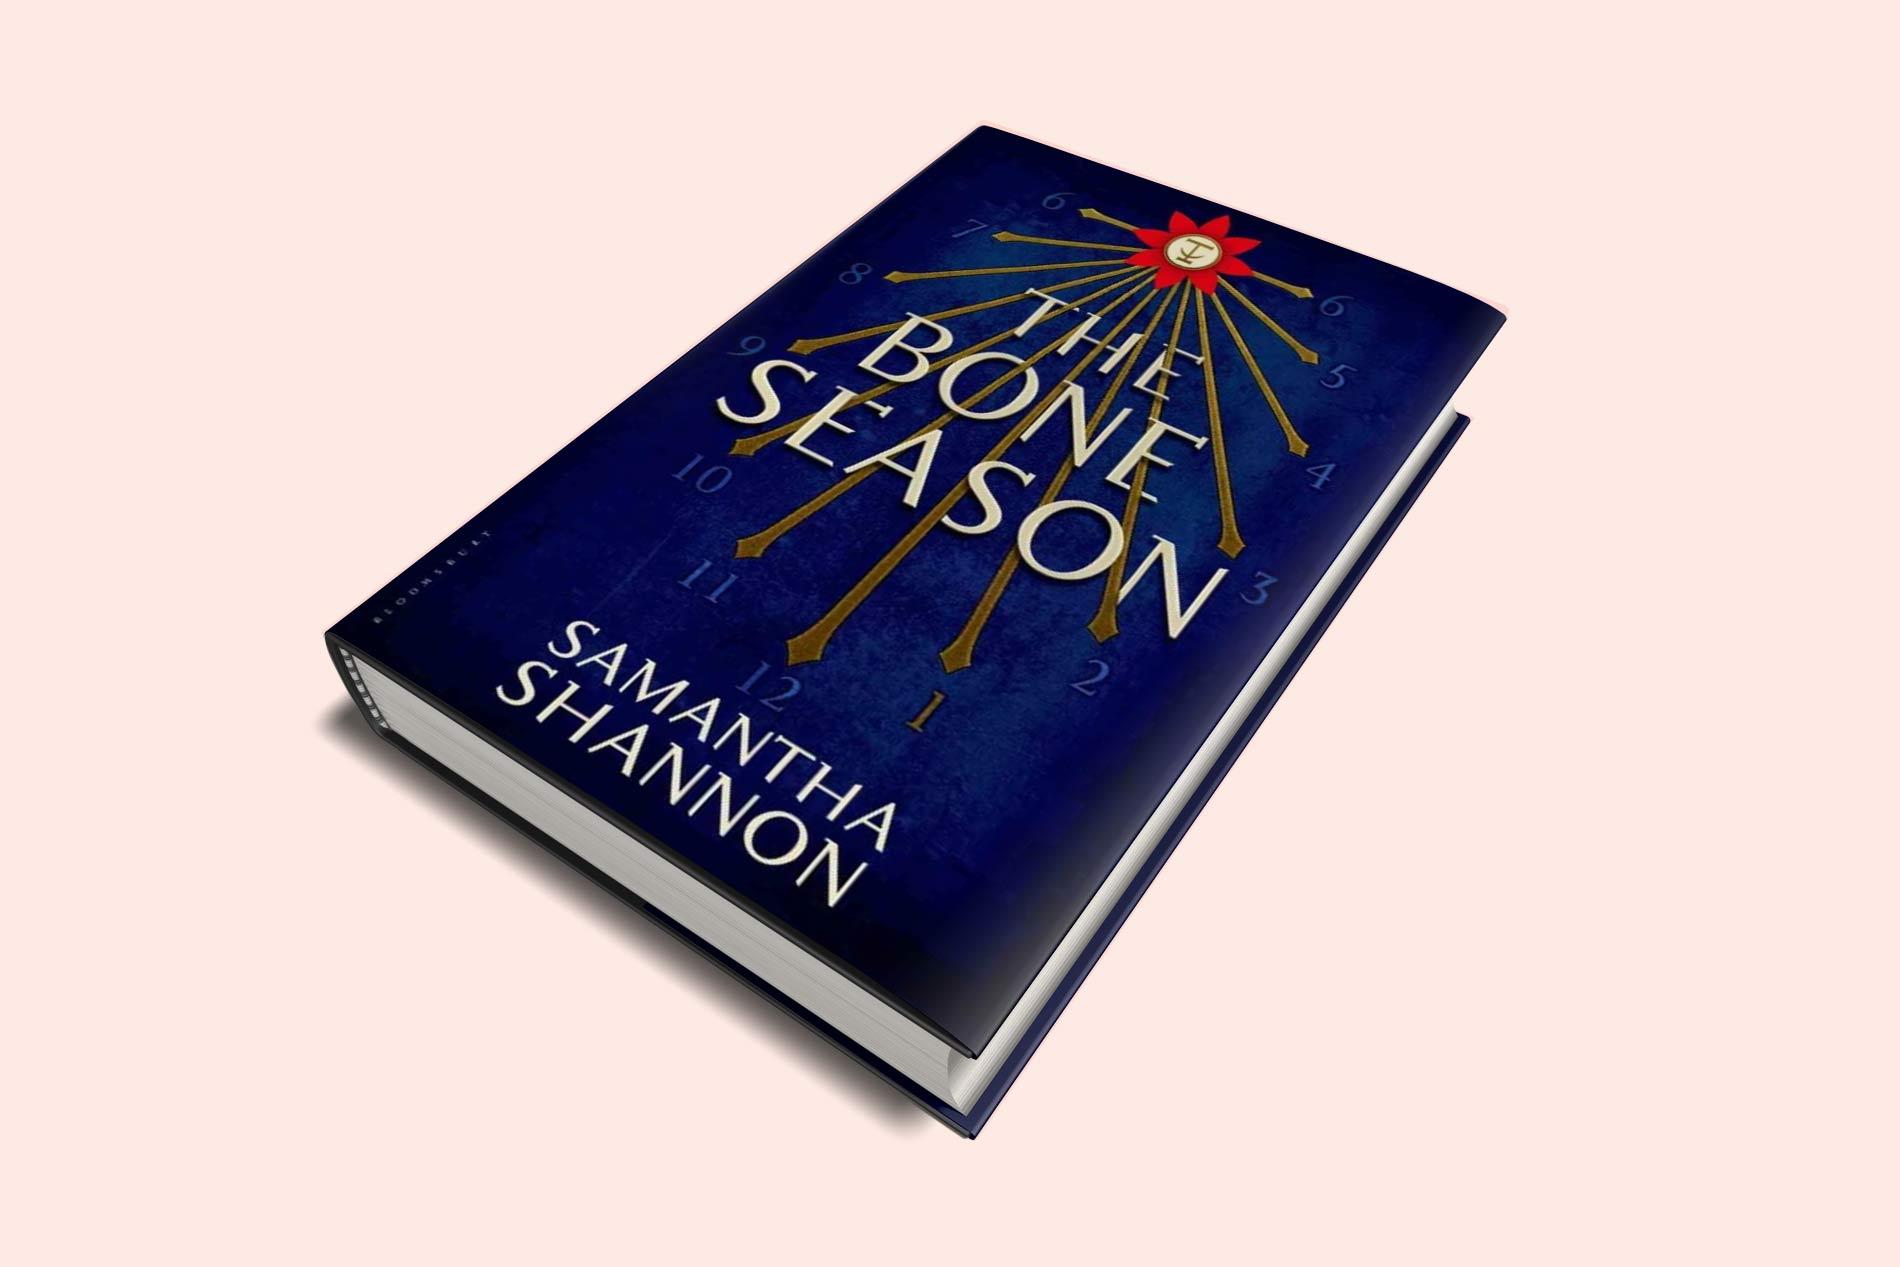 The-Bone-Season.jpg